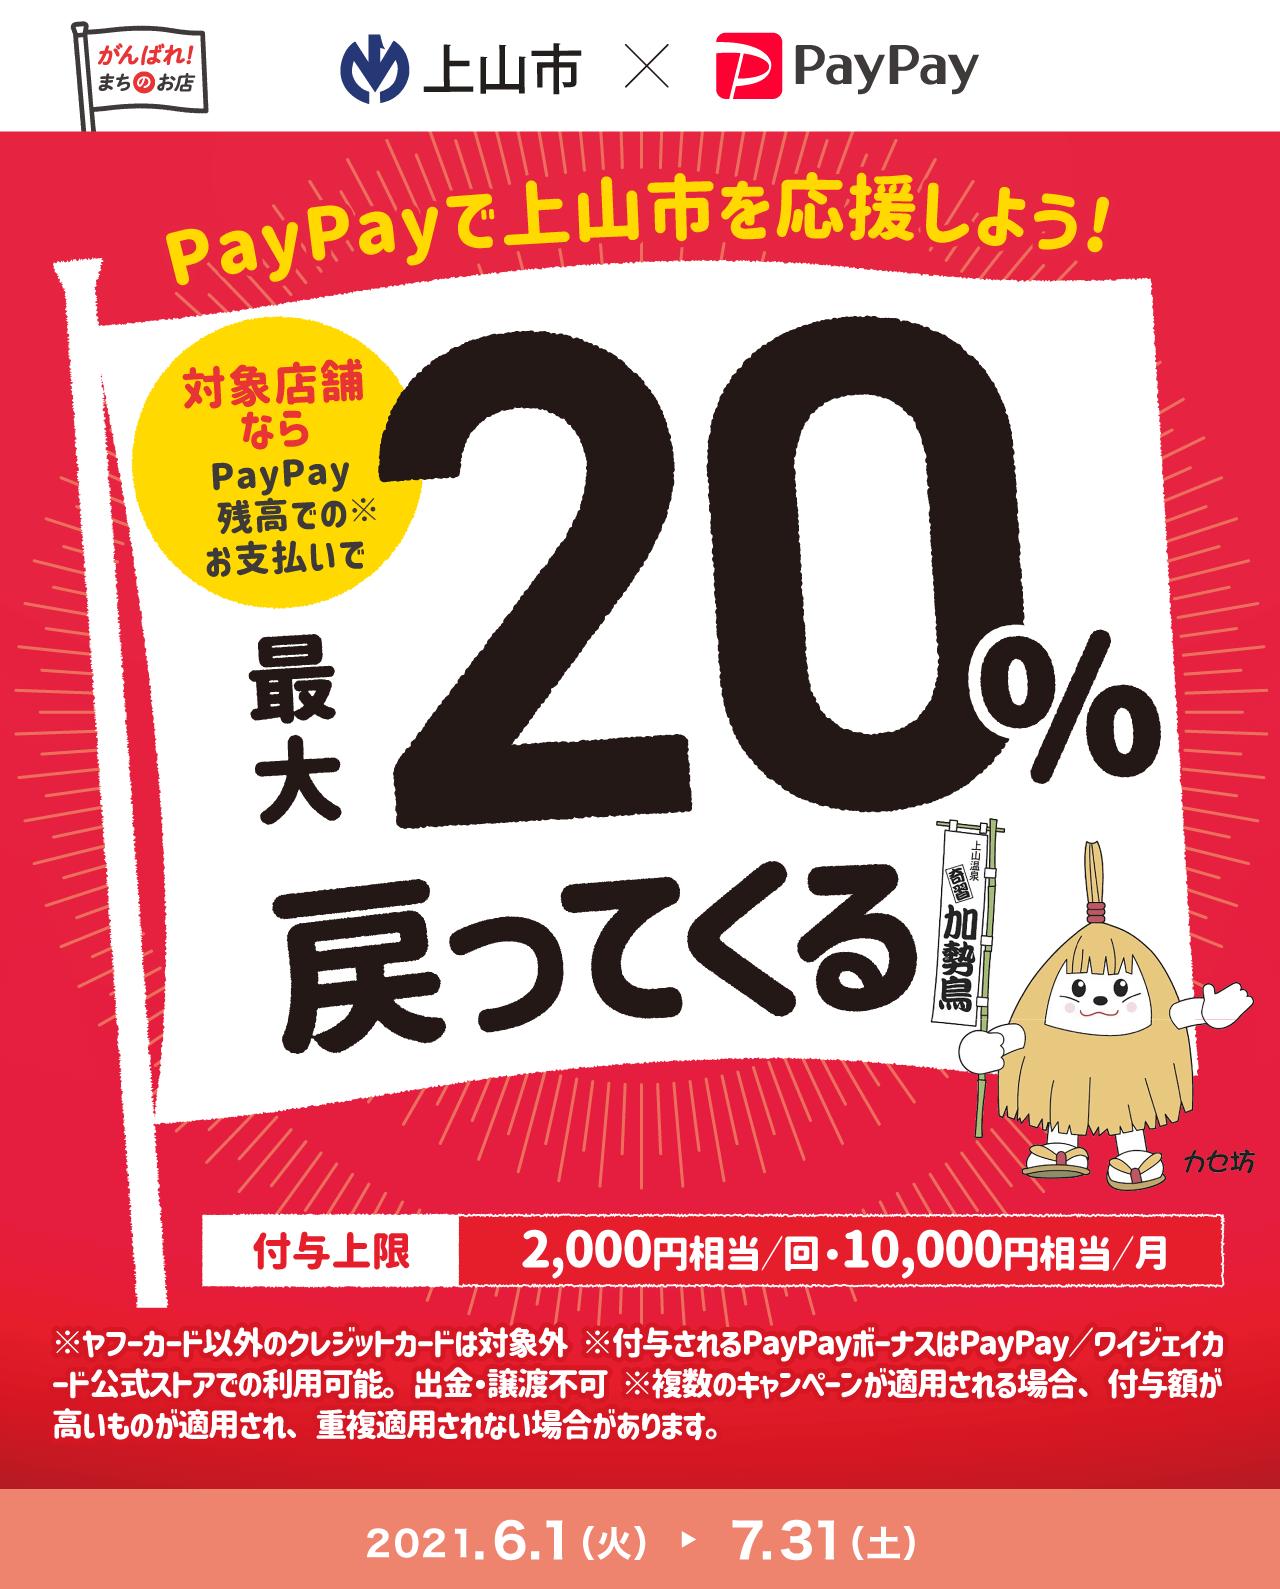 PayPayで上山市を応援しよう! 対象店舗ならPayPay残高でのお支払いで最大20%戻ってくる